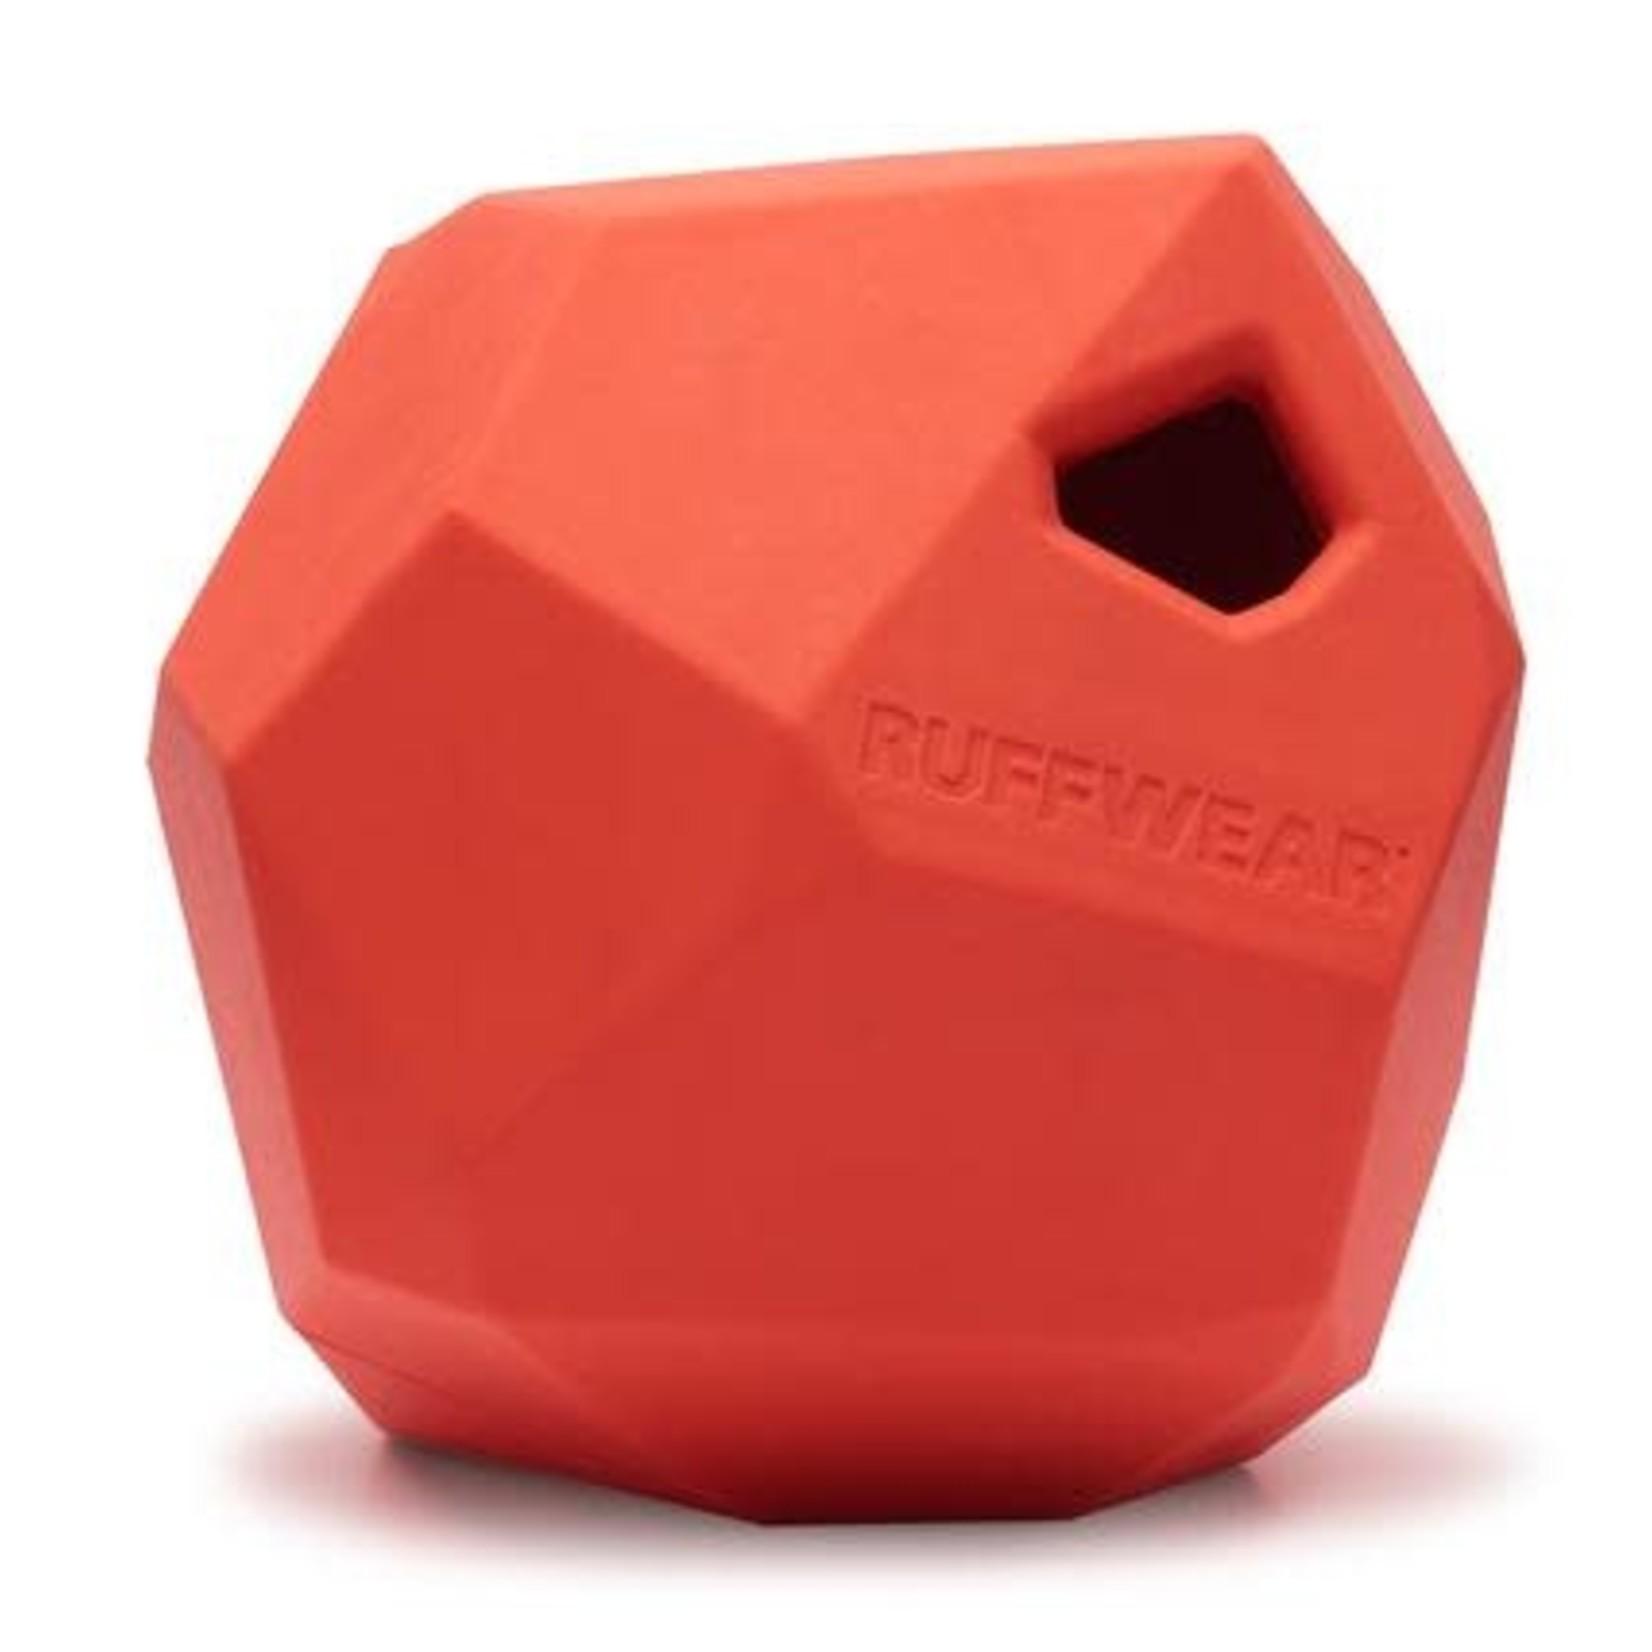 Ruff Wear Ruffwear Gnawt-a-Rock Sockeye Red